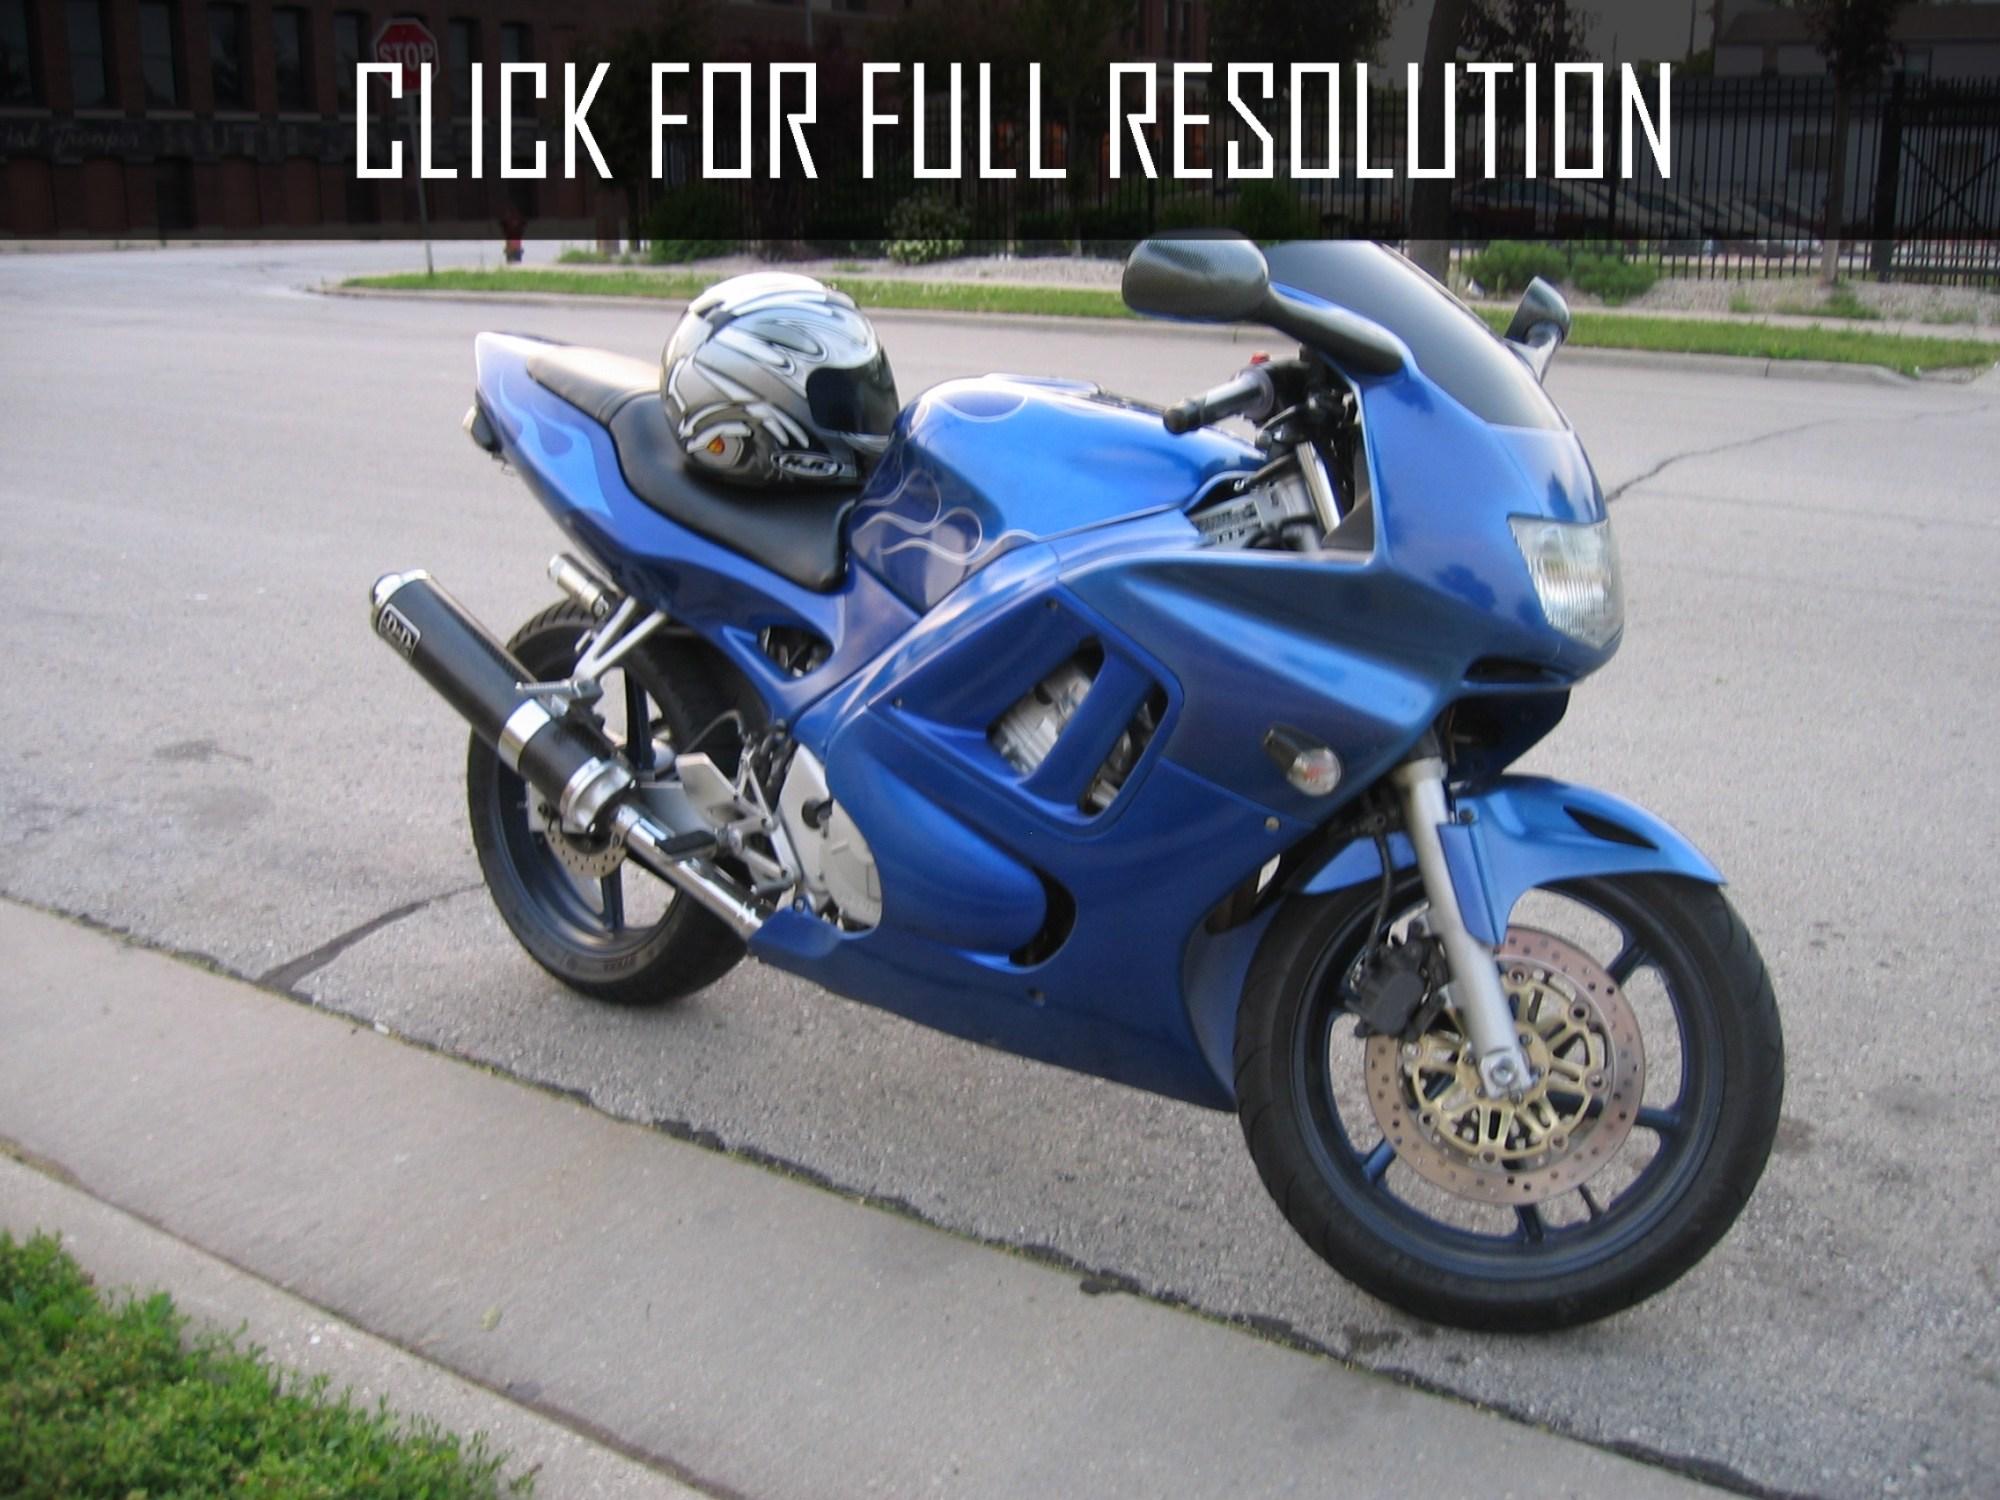 hight resolution of 1995 honda cbr 600 f3 honda cbr600f3 wiring diagram honda cbr 250 honda 600 1998 honda